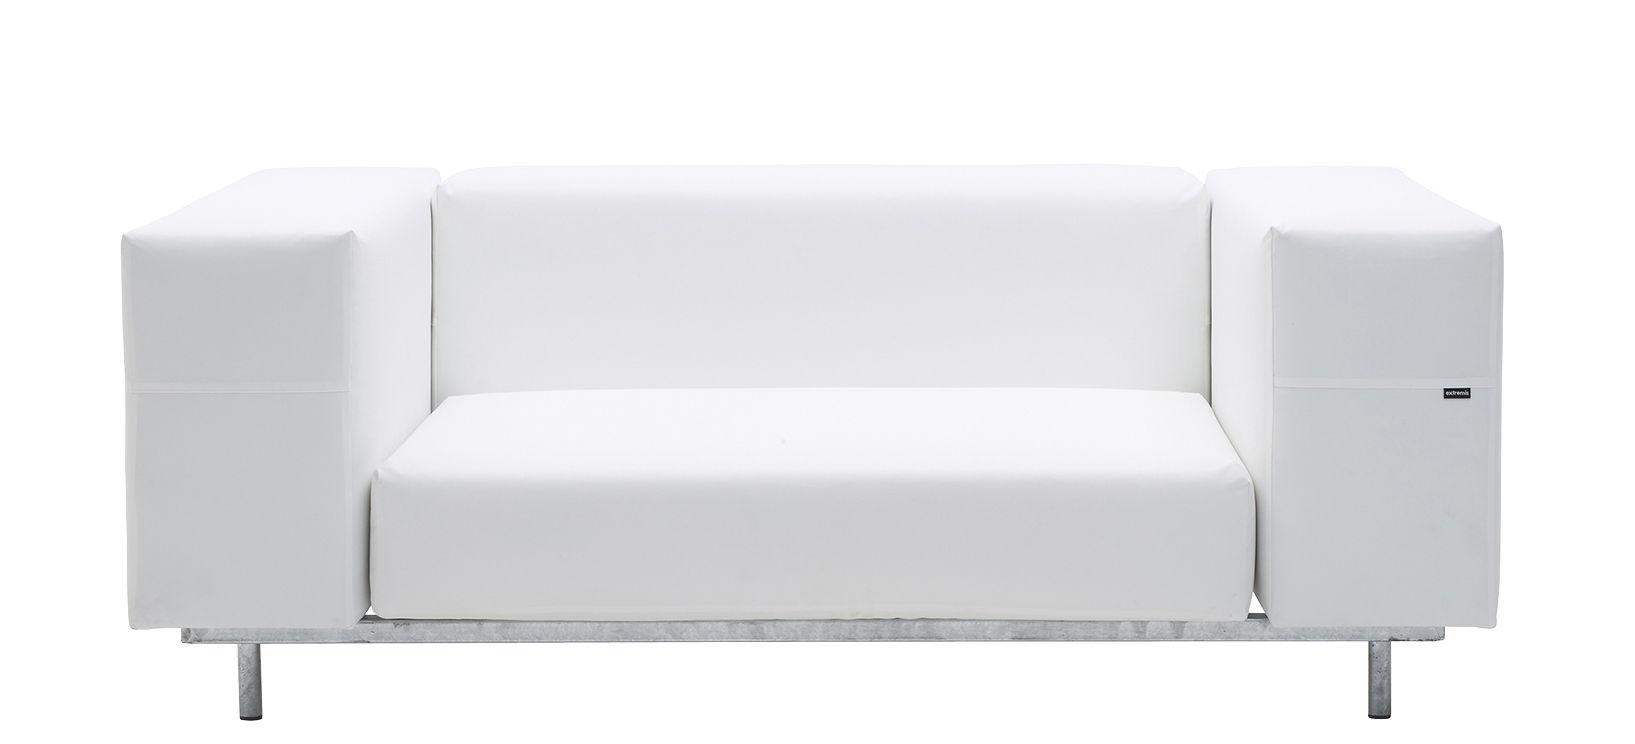 Outdoor - Sofas und Lounge Sessel - Walrus Sofa / L 170 cm - Extremis - Weiß - galvanisierter Stahl, Leinen Tarpaulin, Polyurethan-Schaum